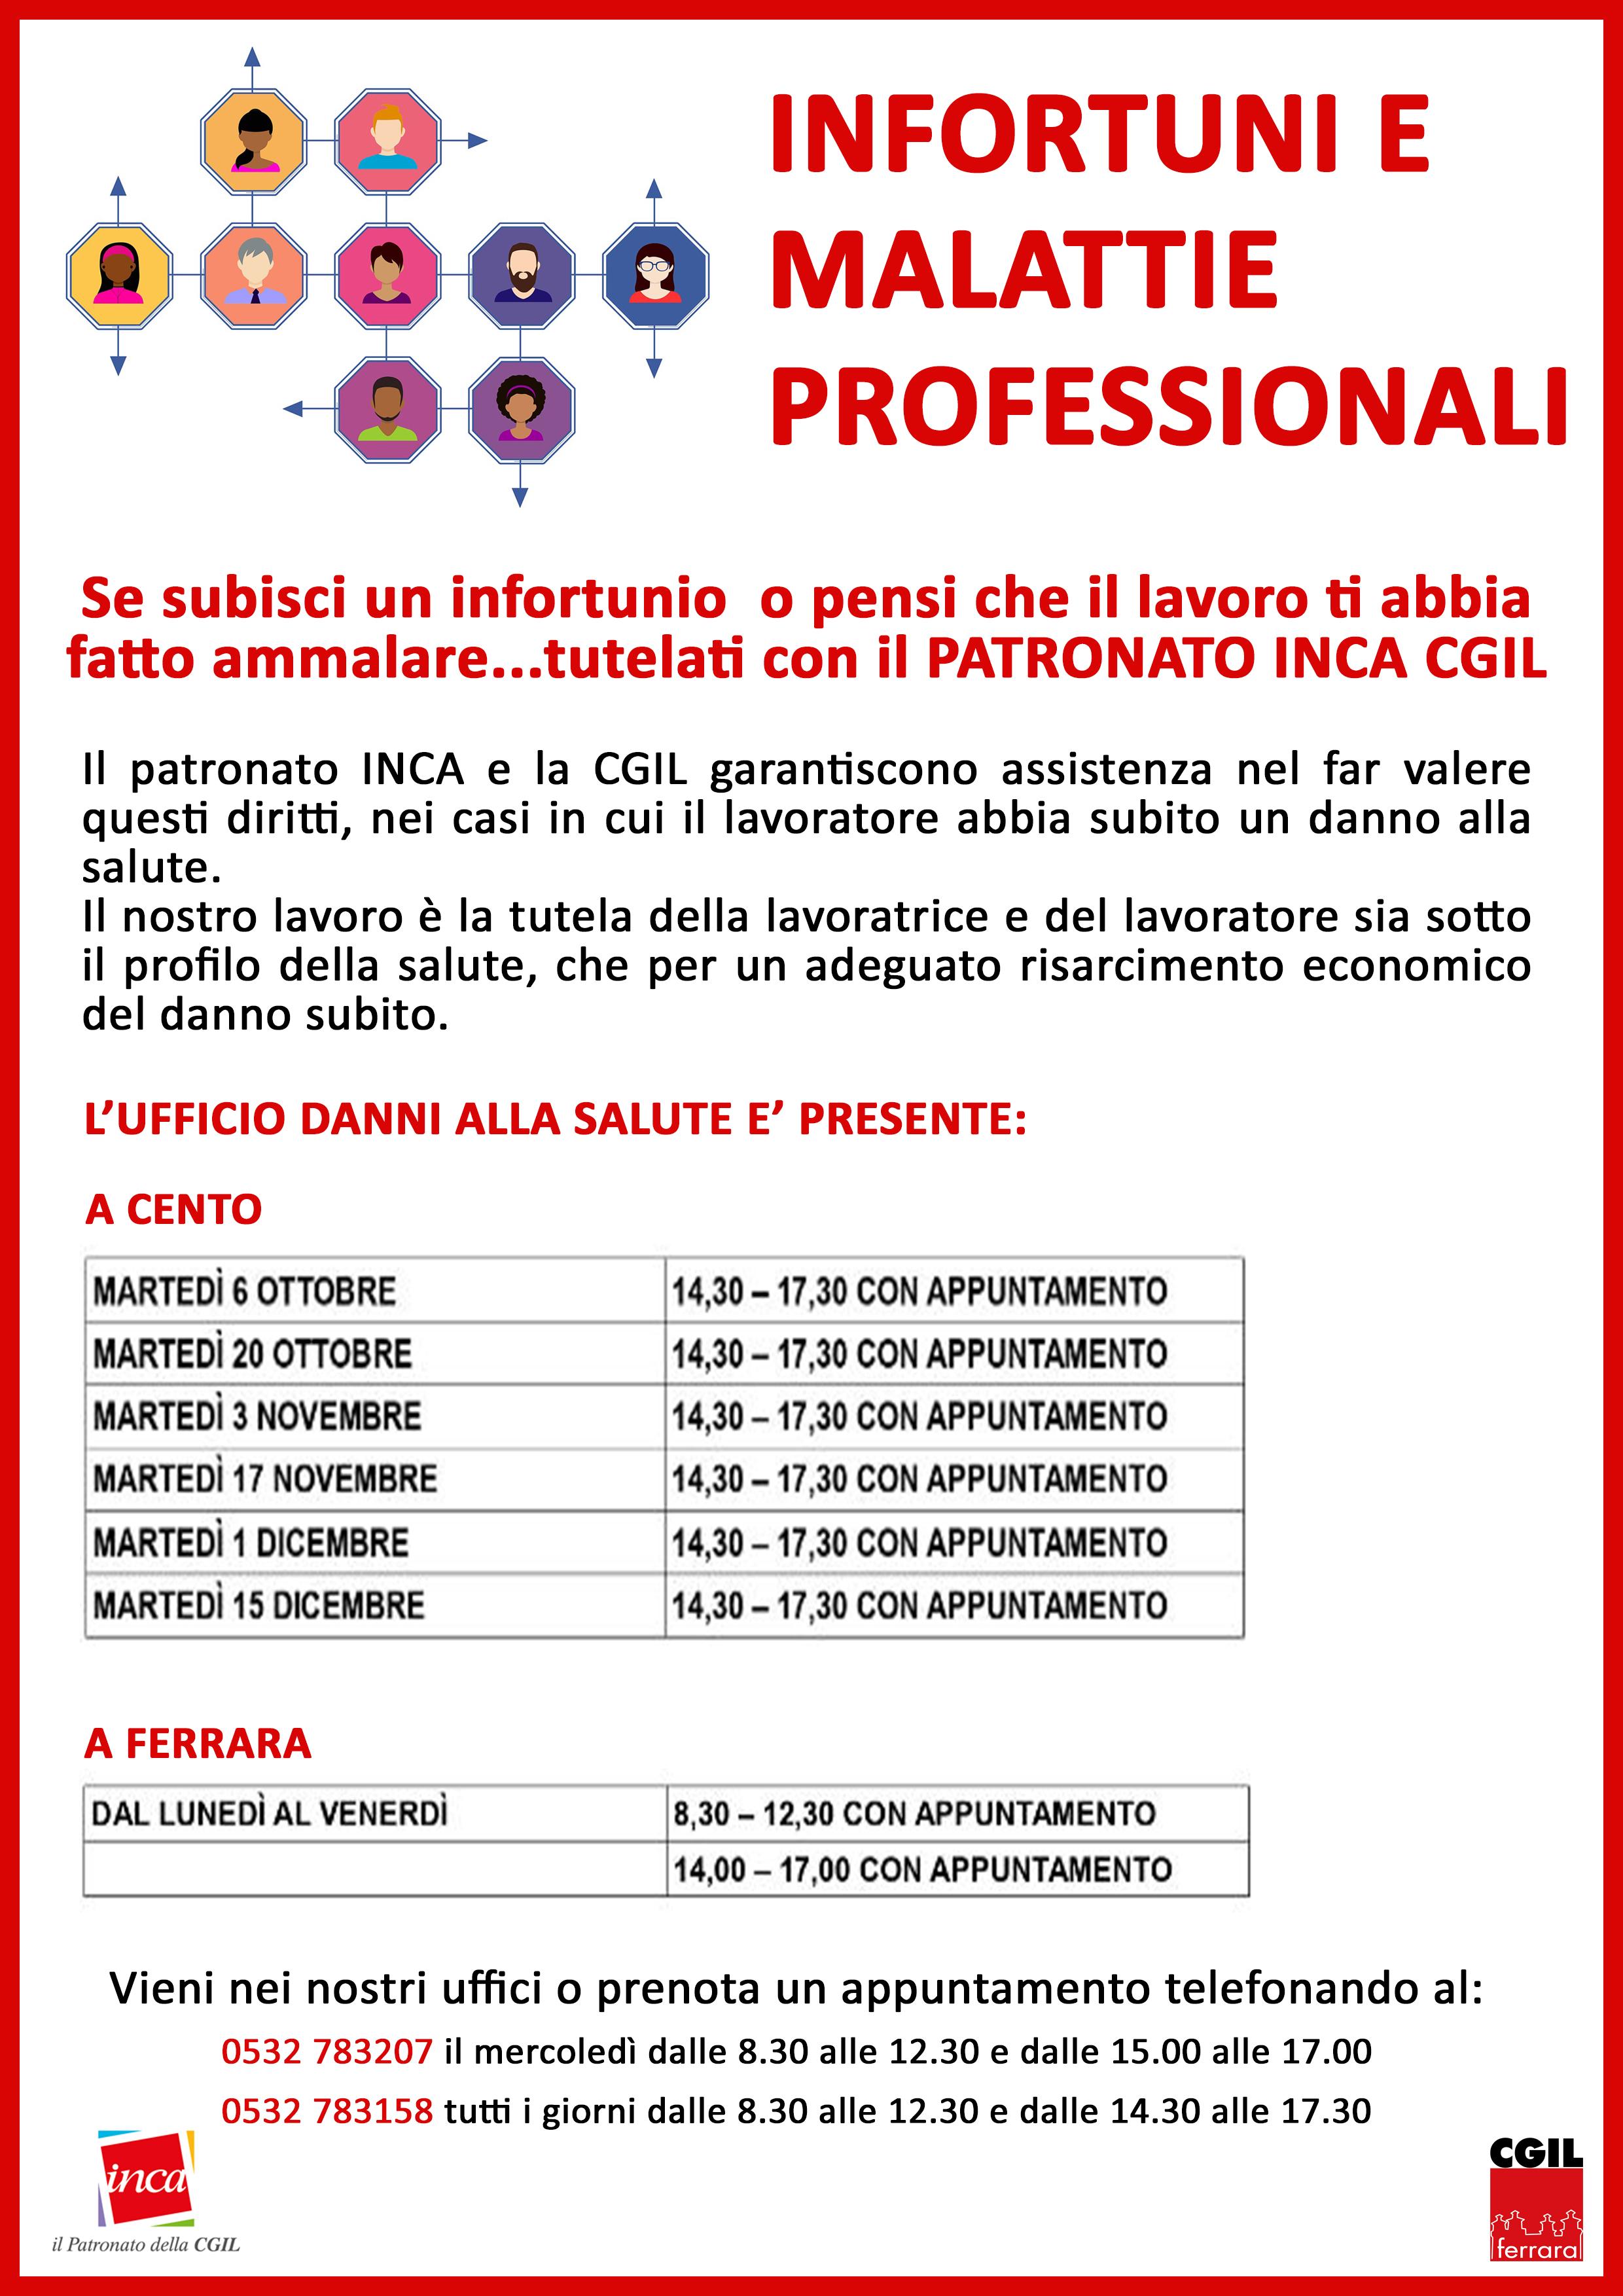 Infortuni e malattie professionali: tutelati con il Patronato Inca Cgil